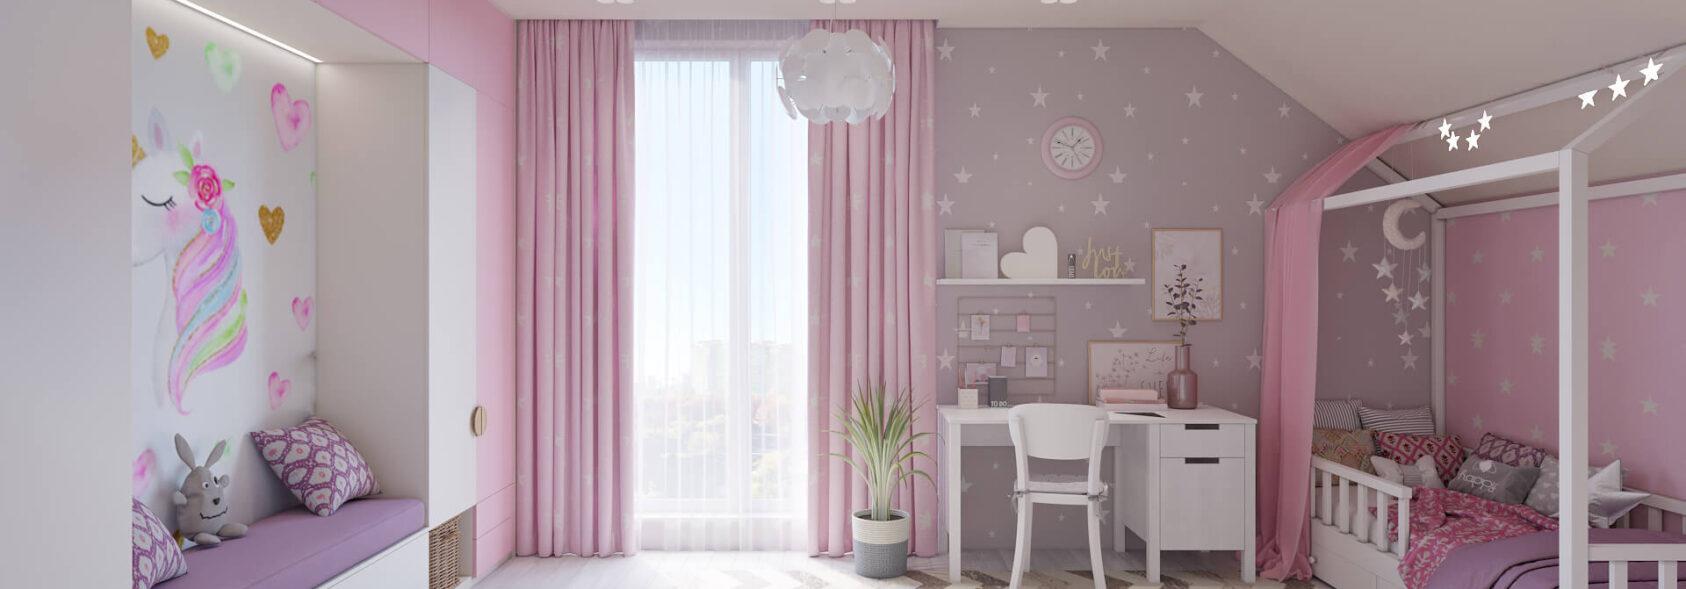 Дизайн дома Запорожье детская